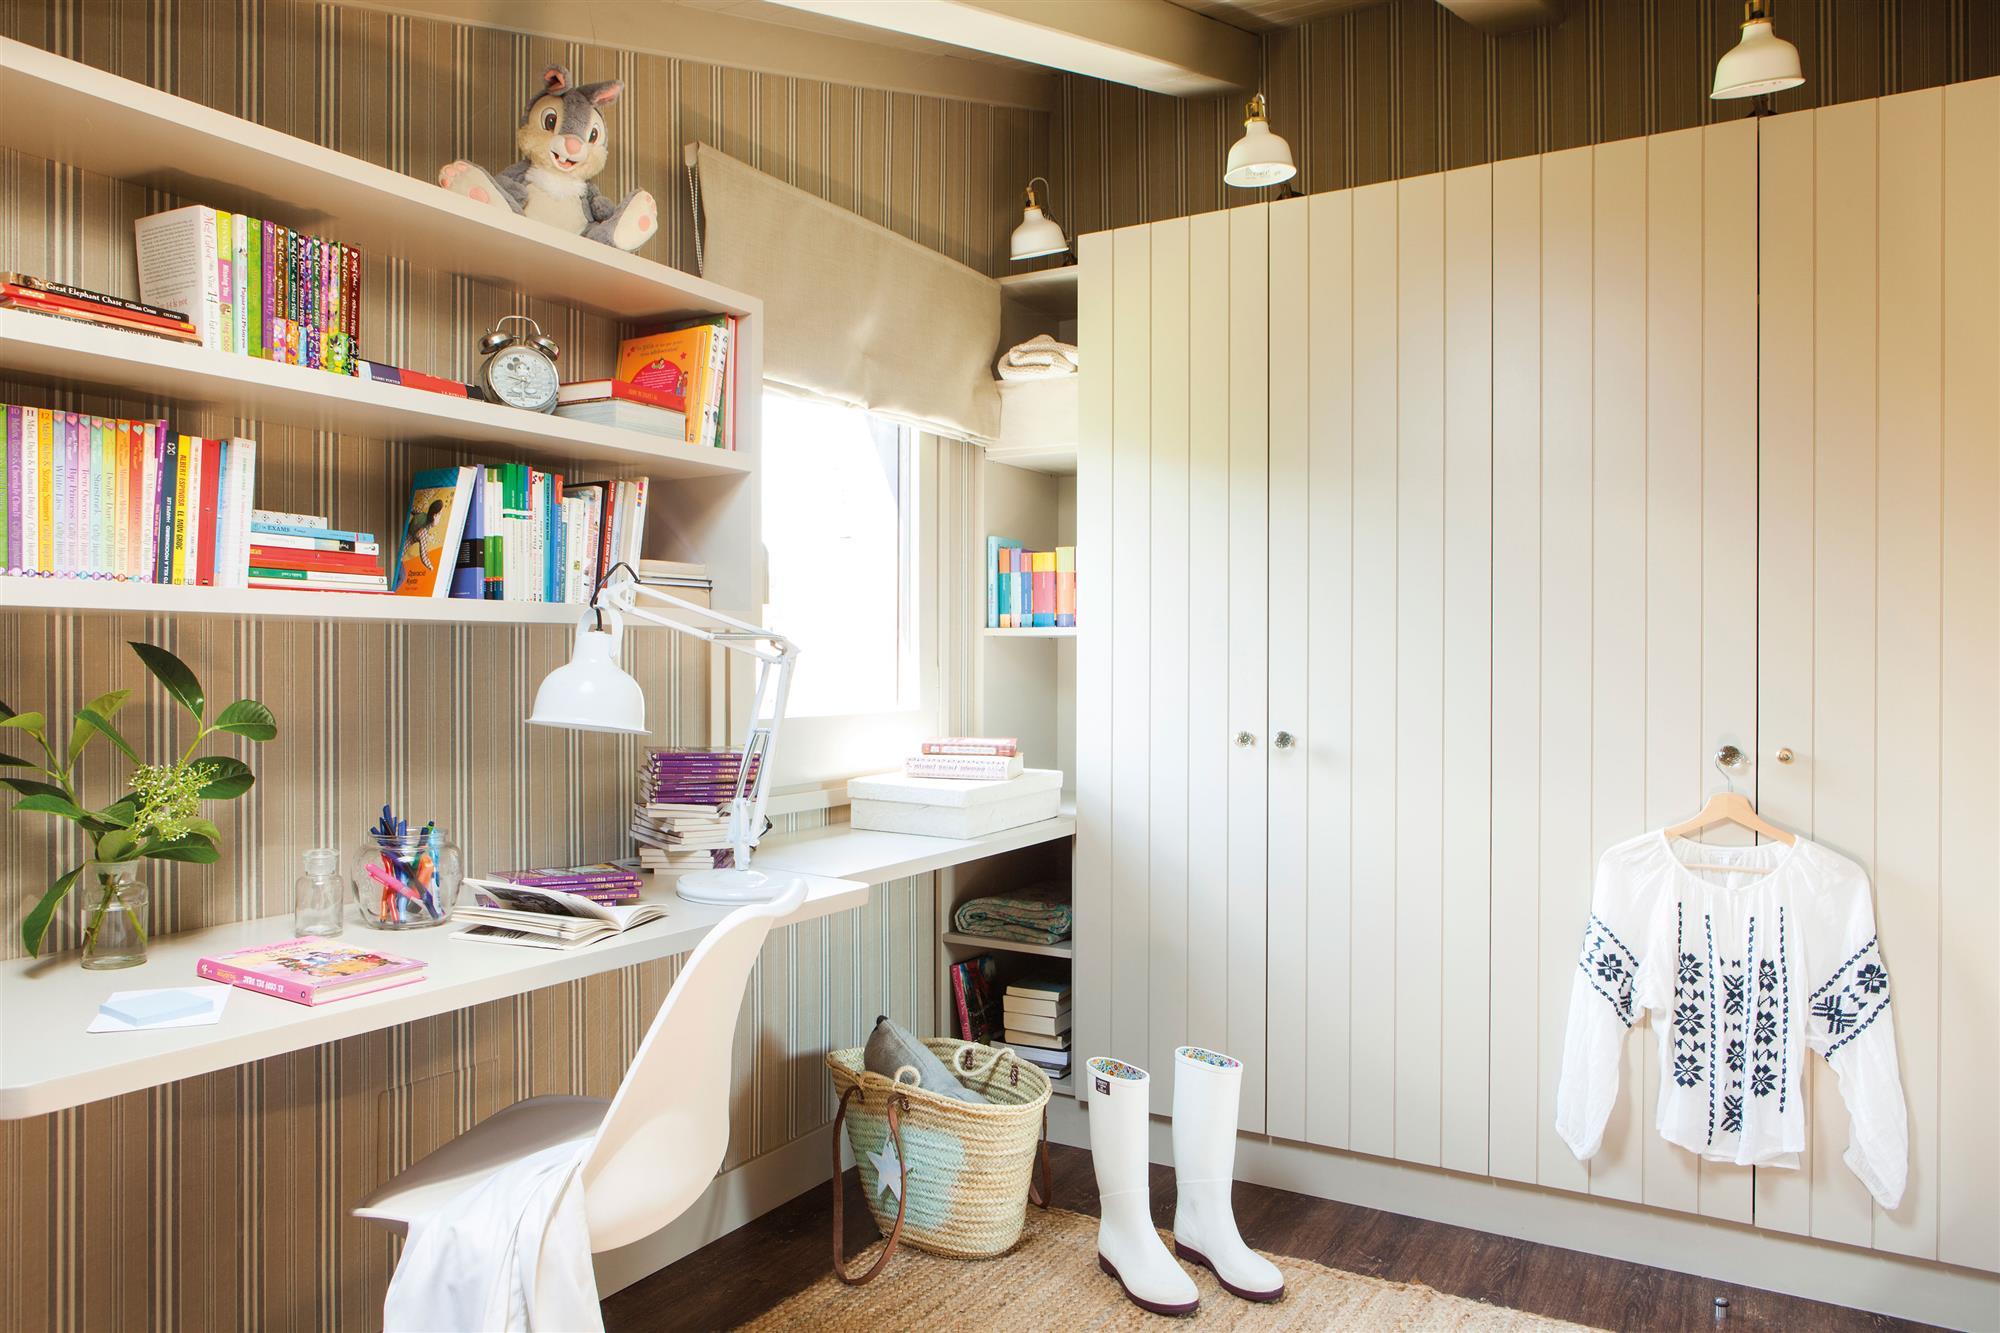 Puertas de armario tipolog as estilos y c mo escogerlas - Estanteria en esquina ...